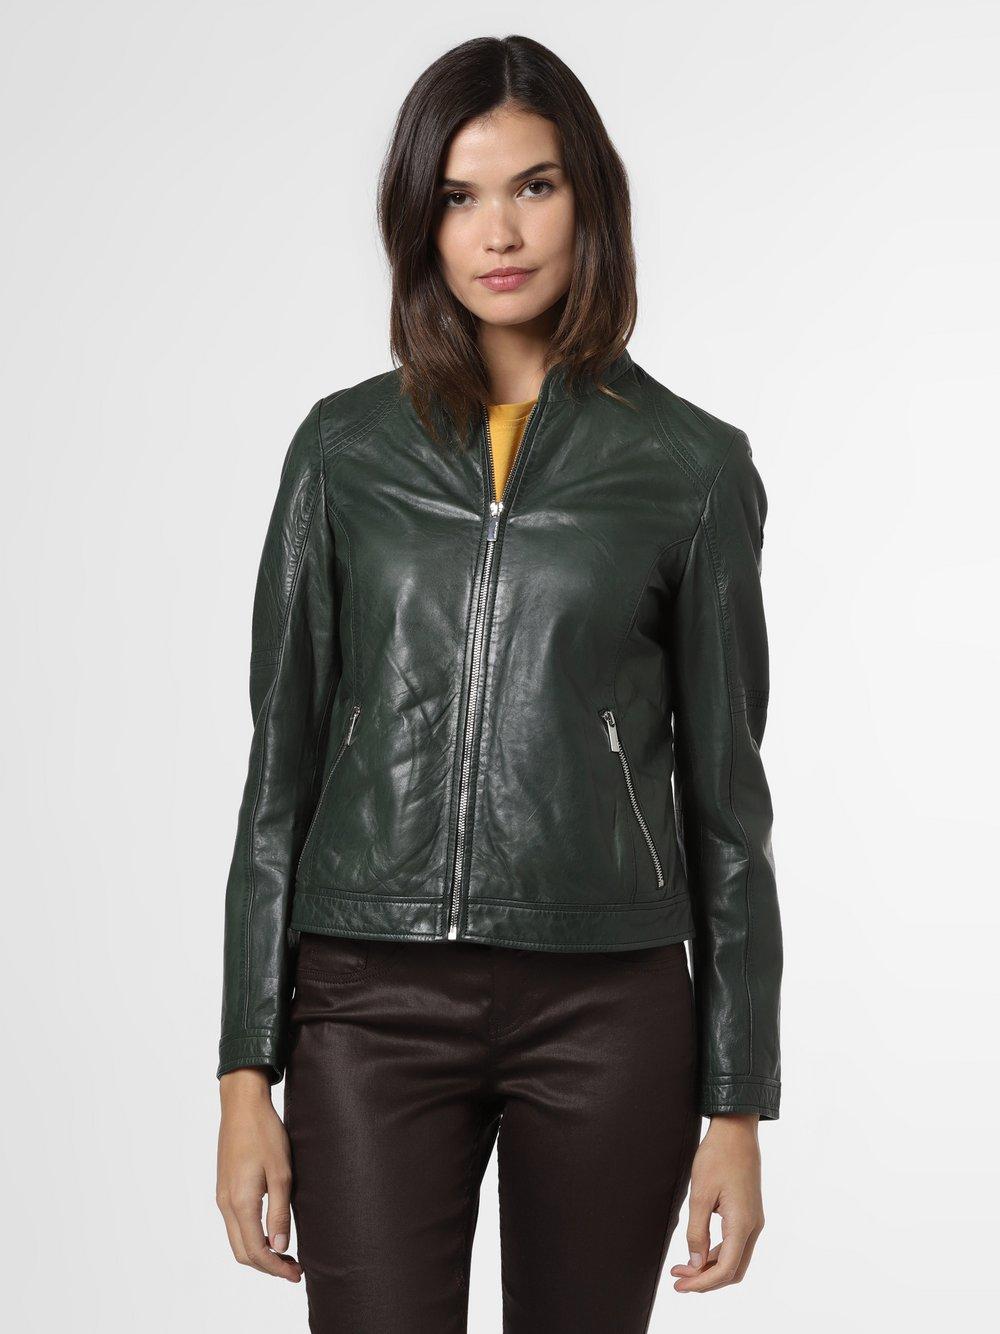 Milestone - Damska kurtka skórzana – Nella, zielony